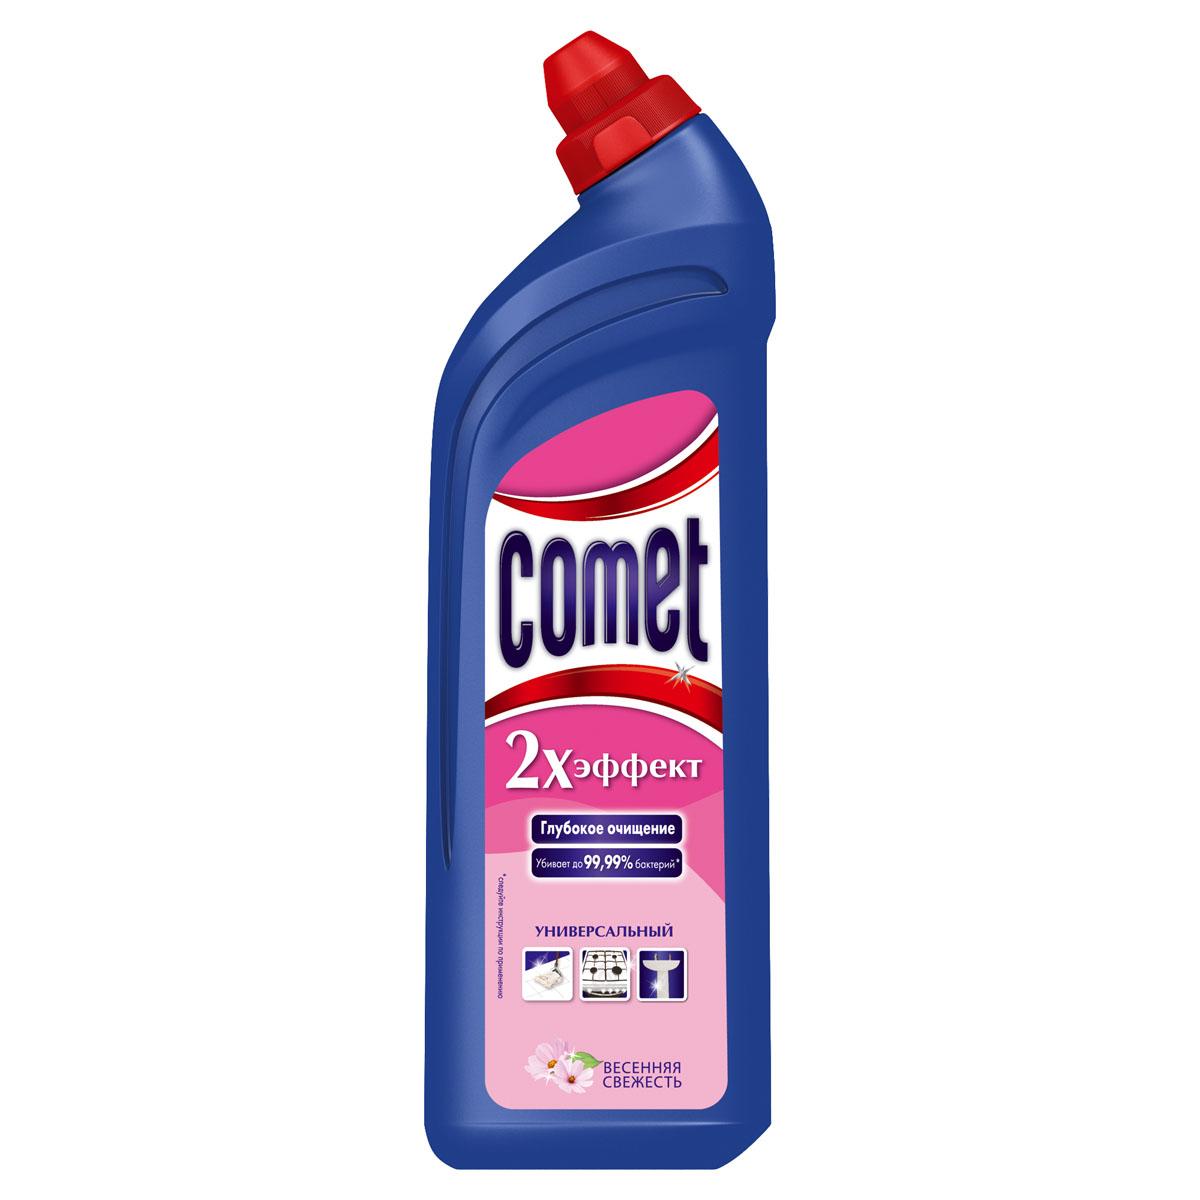 Универсальный чистящий гель Comet Двойной эффект, весенняя свежесть, 1 л гель чистящий comet для ванной комнаты 500 мл